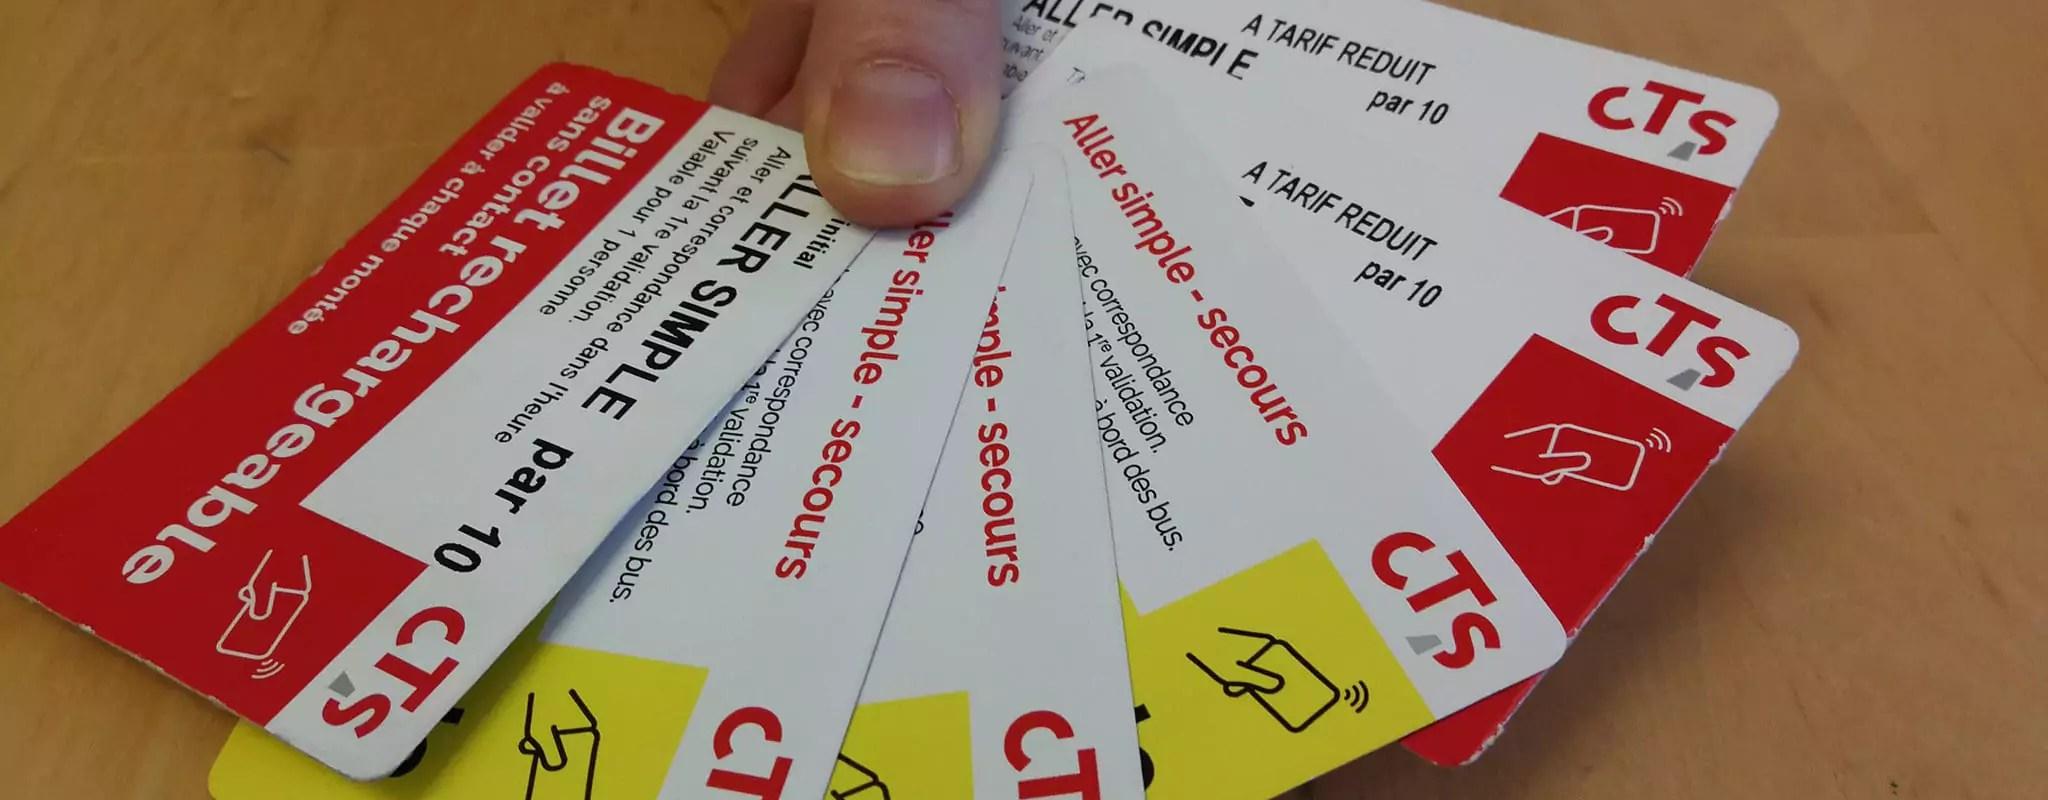 Billet sans contact: moins d'un ticket sur deux est rechargé